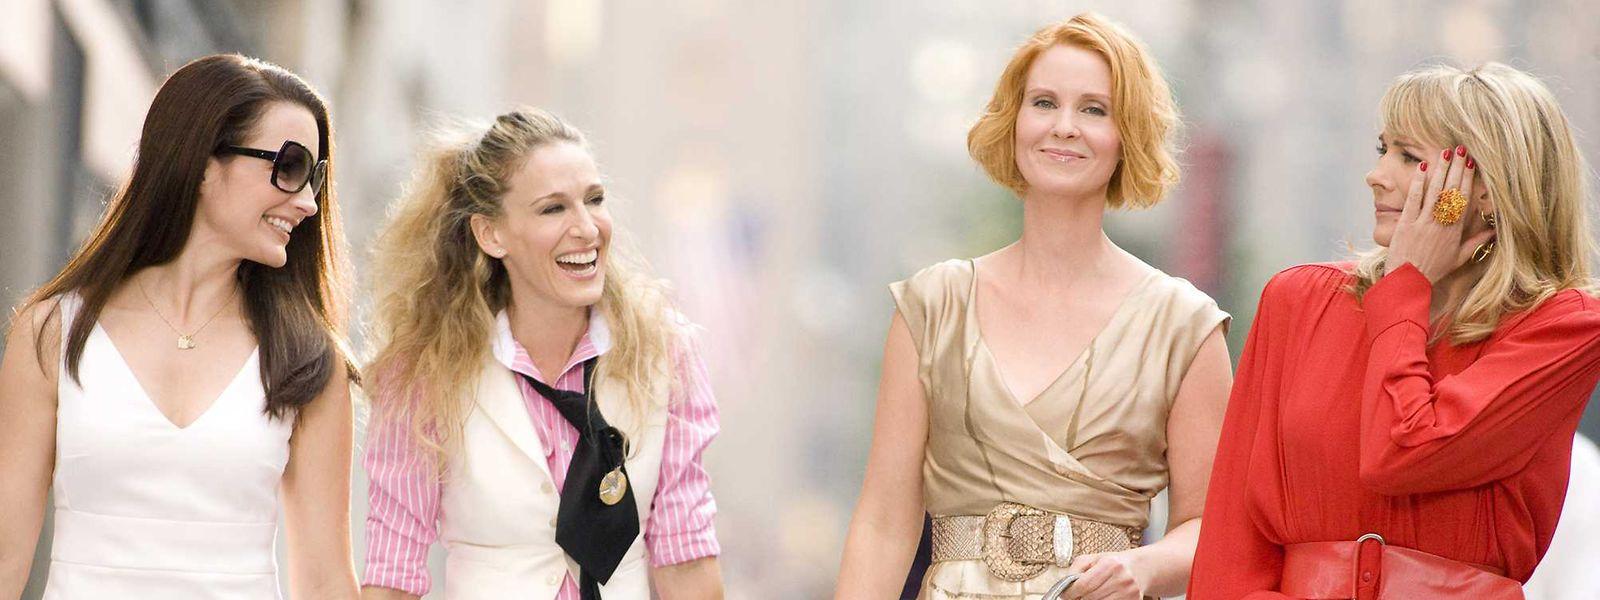 """En plus de 100 ans de films de la Warner, HBO Max proposera ses séries légendaires comme """"Sex and the city""""."""